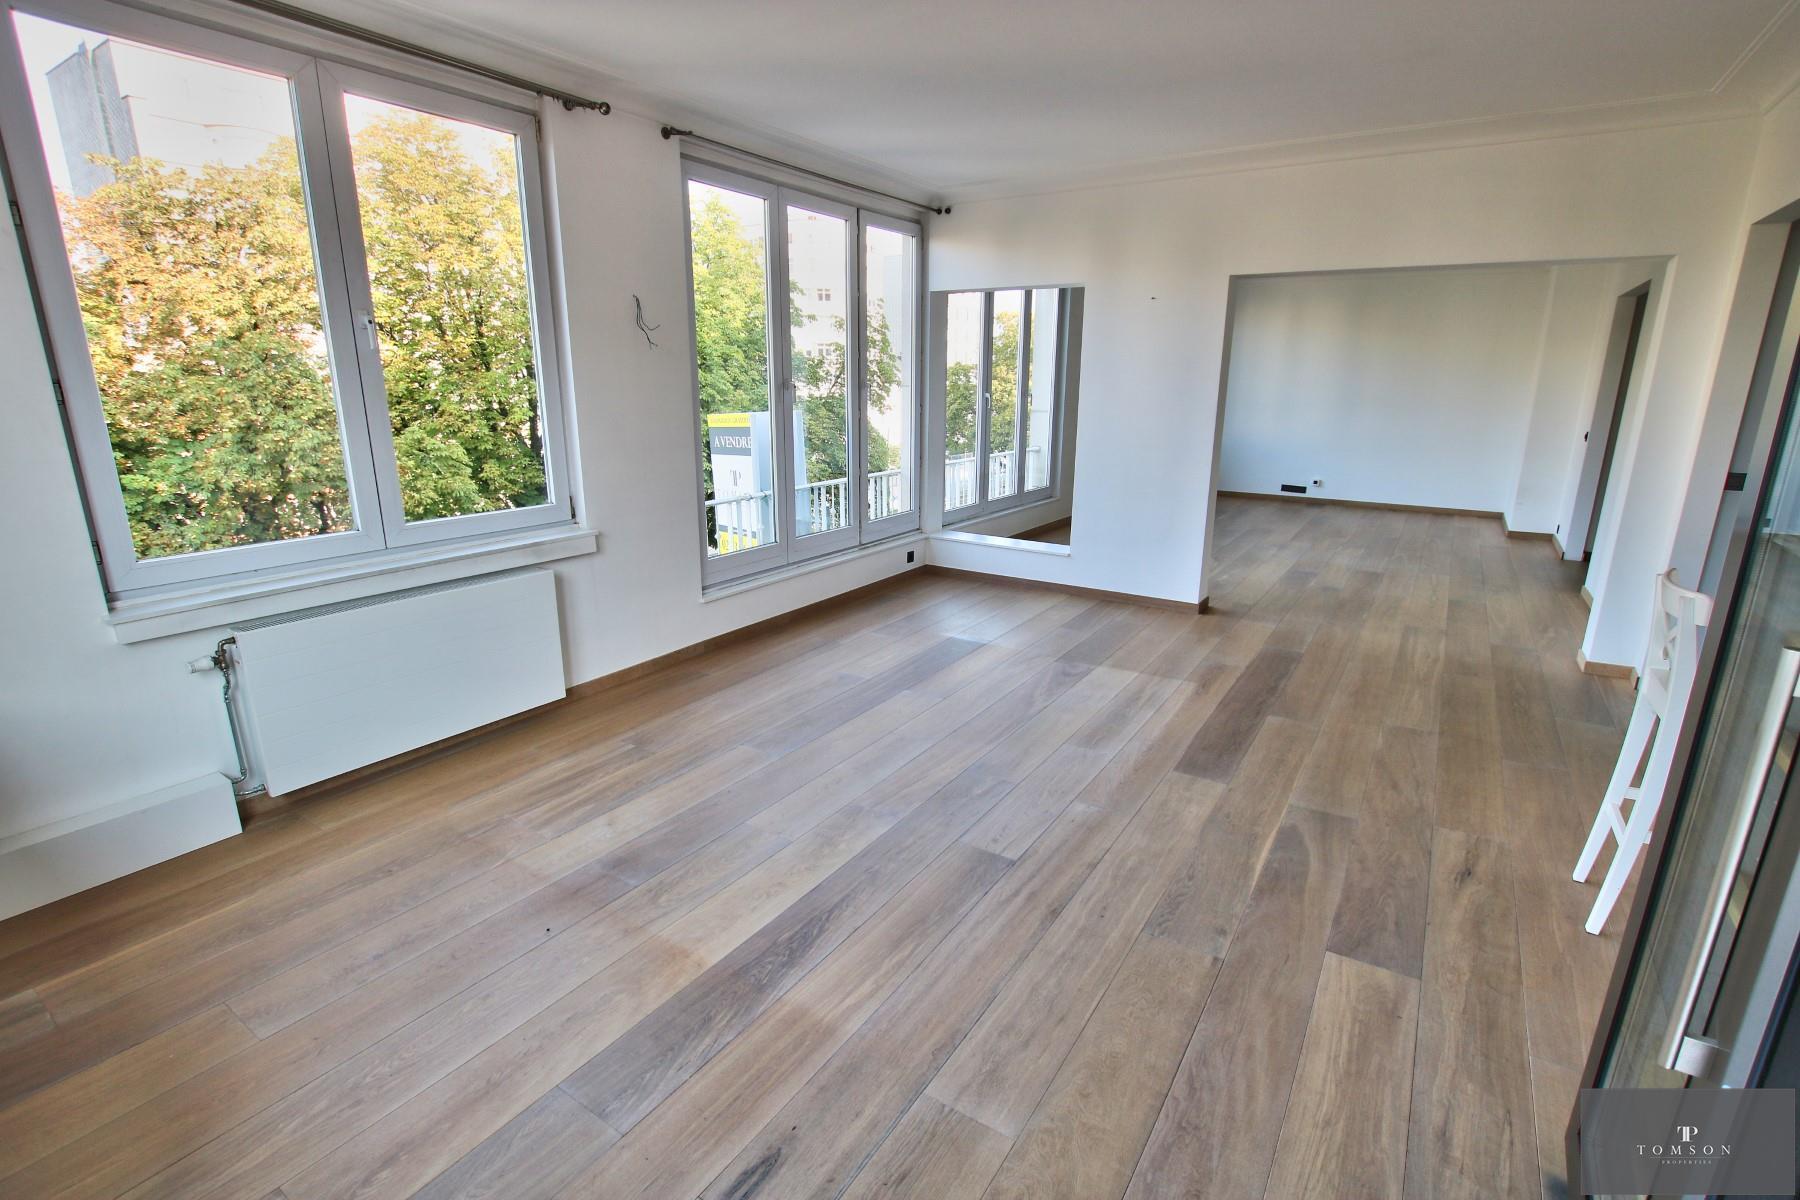 Appartement - Etterbeek - #4154759-1